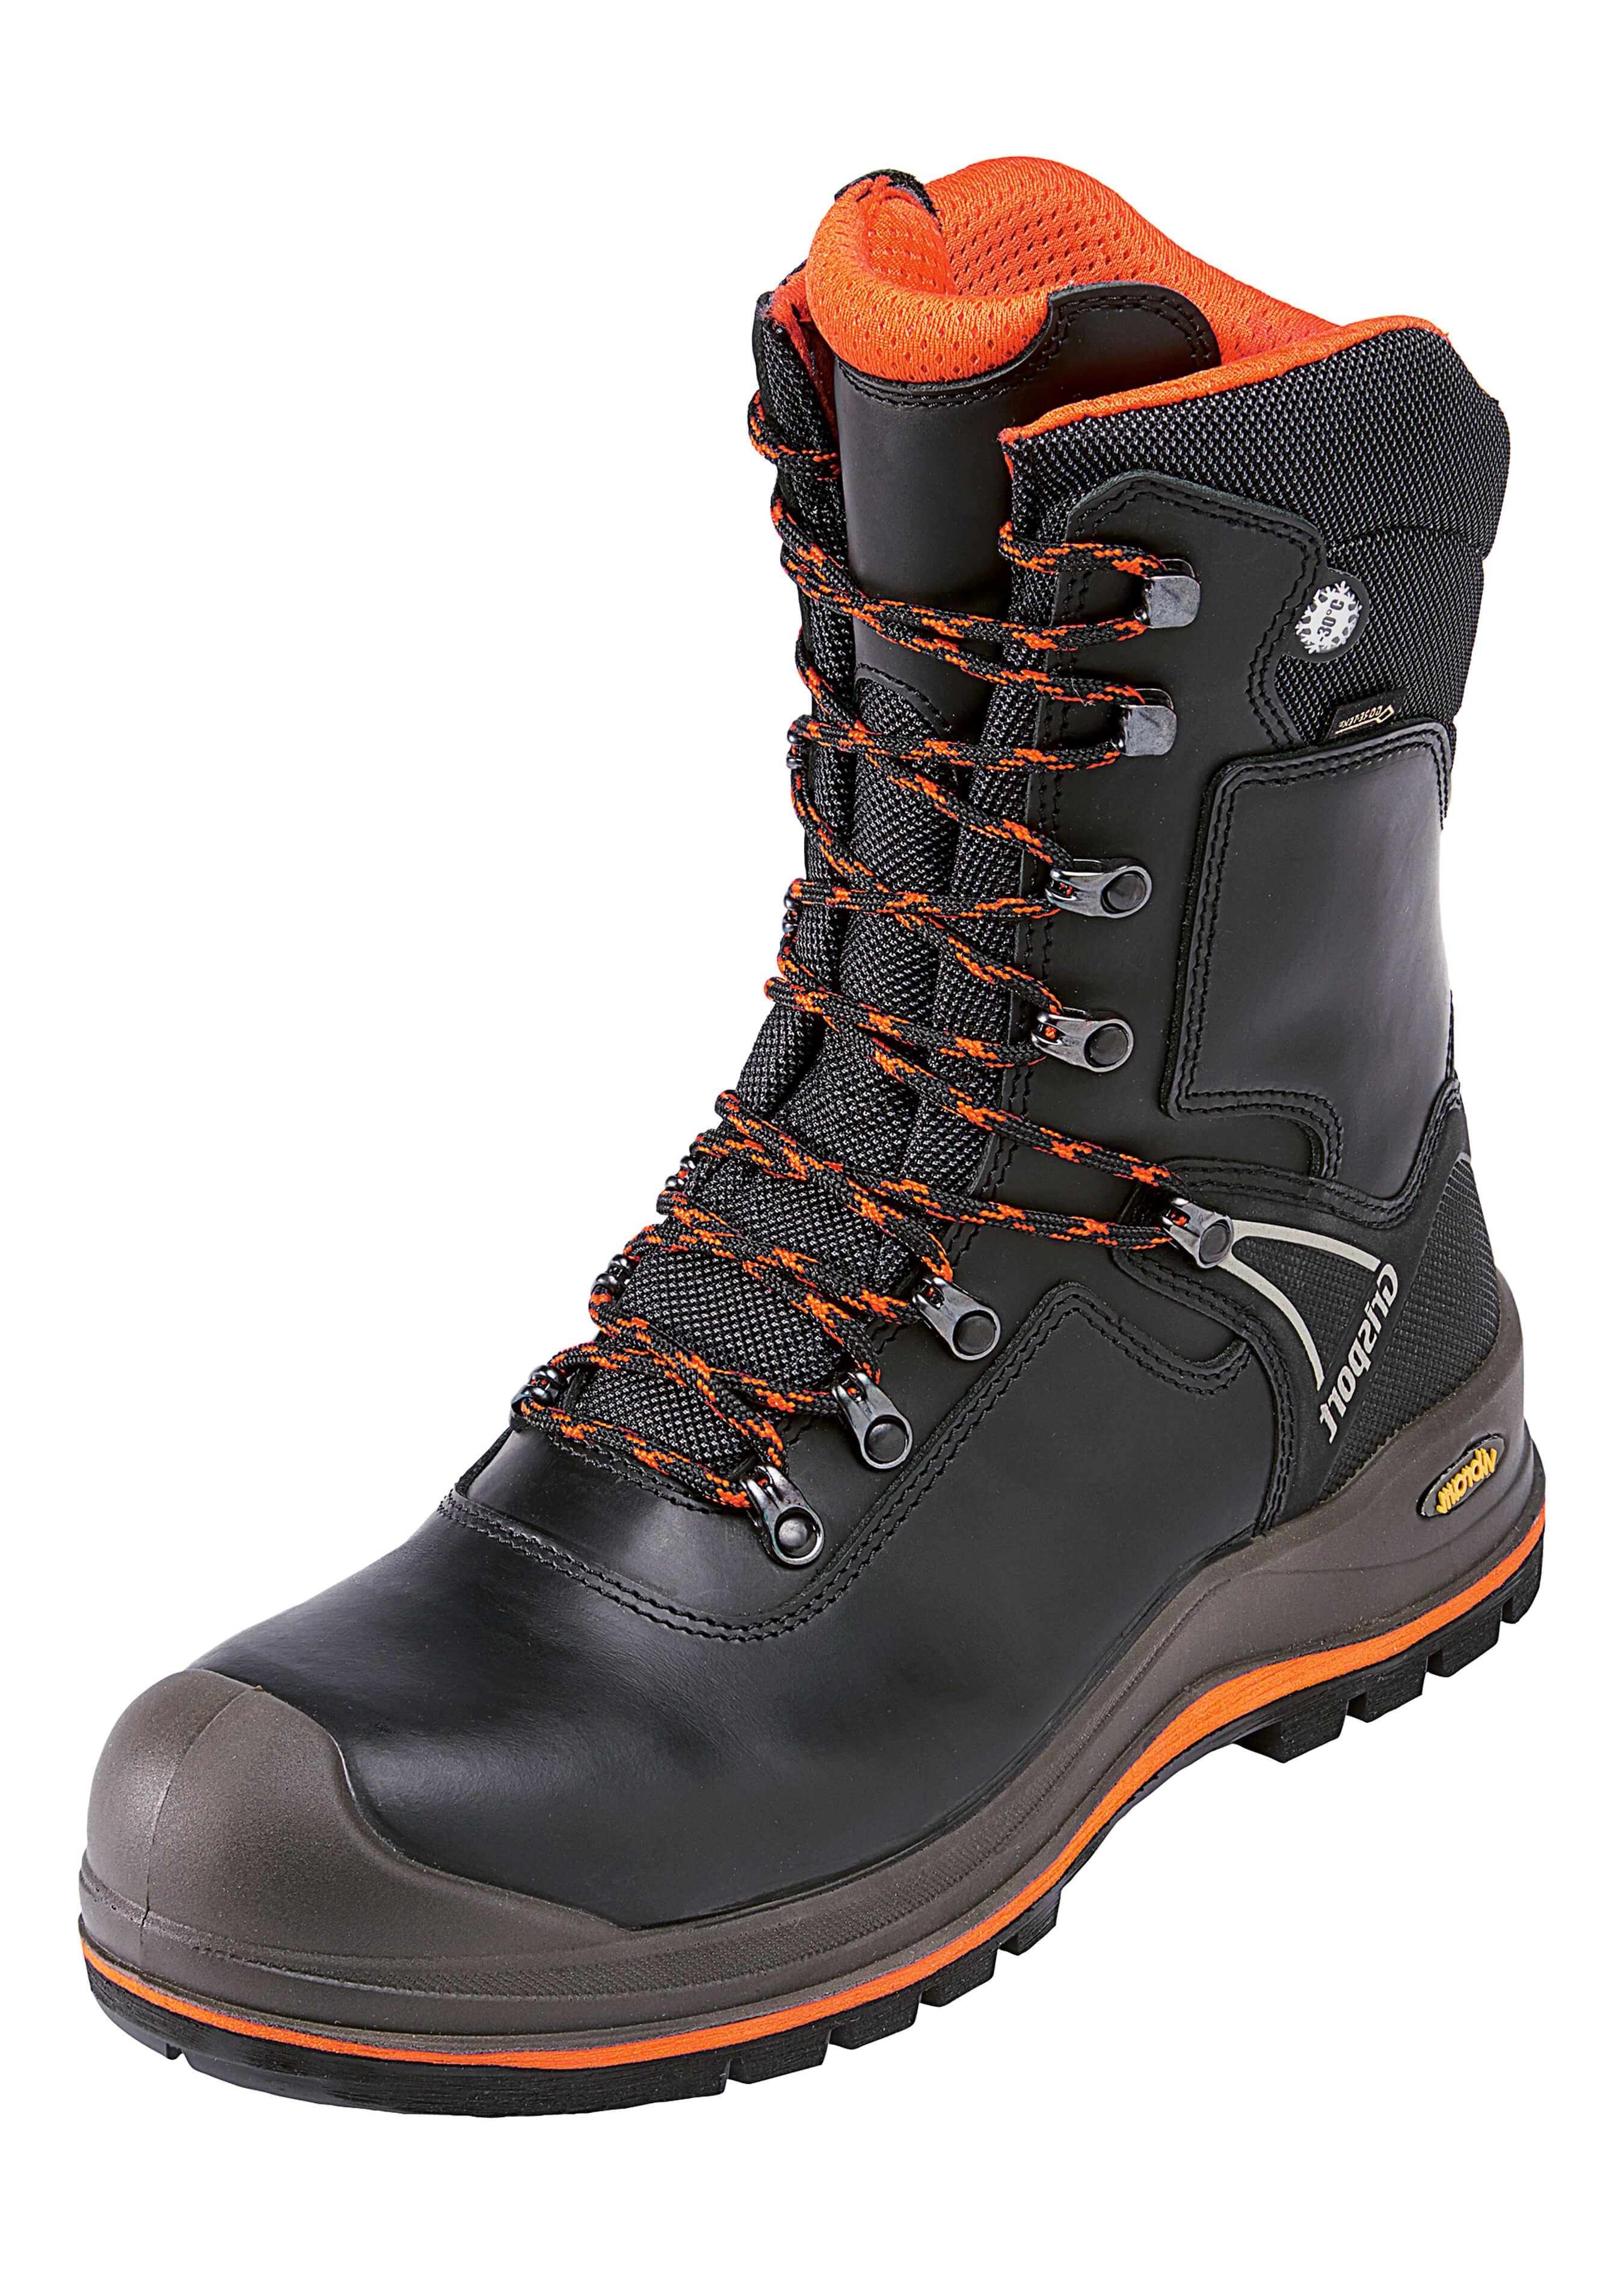 Grisport Winter-Sicherheitsstiefel Ranger S3 41435439 1